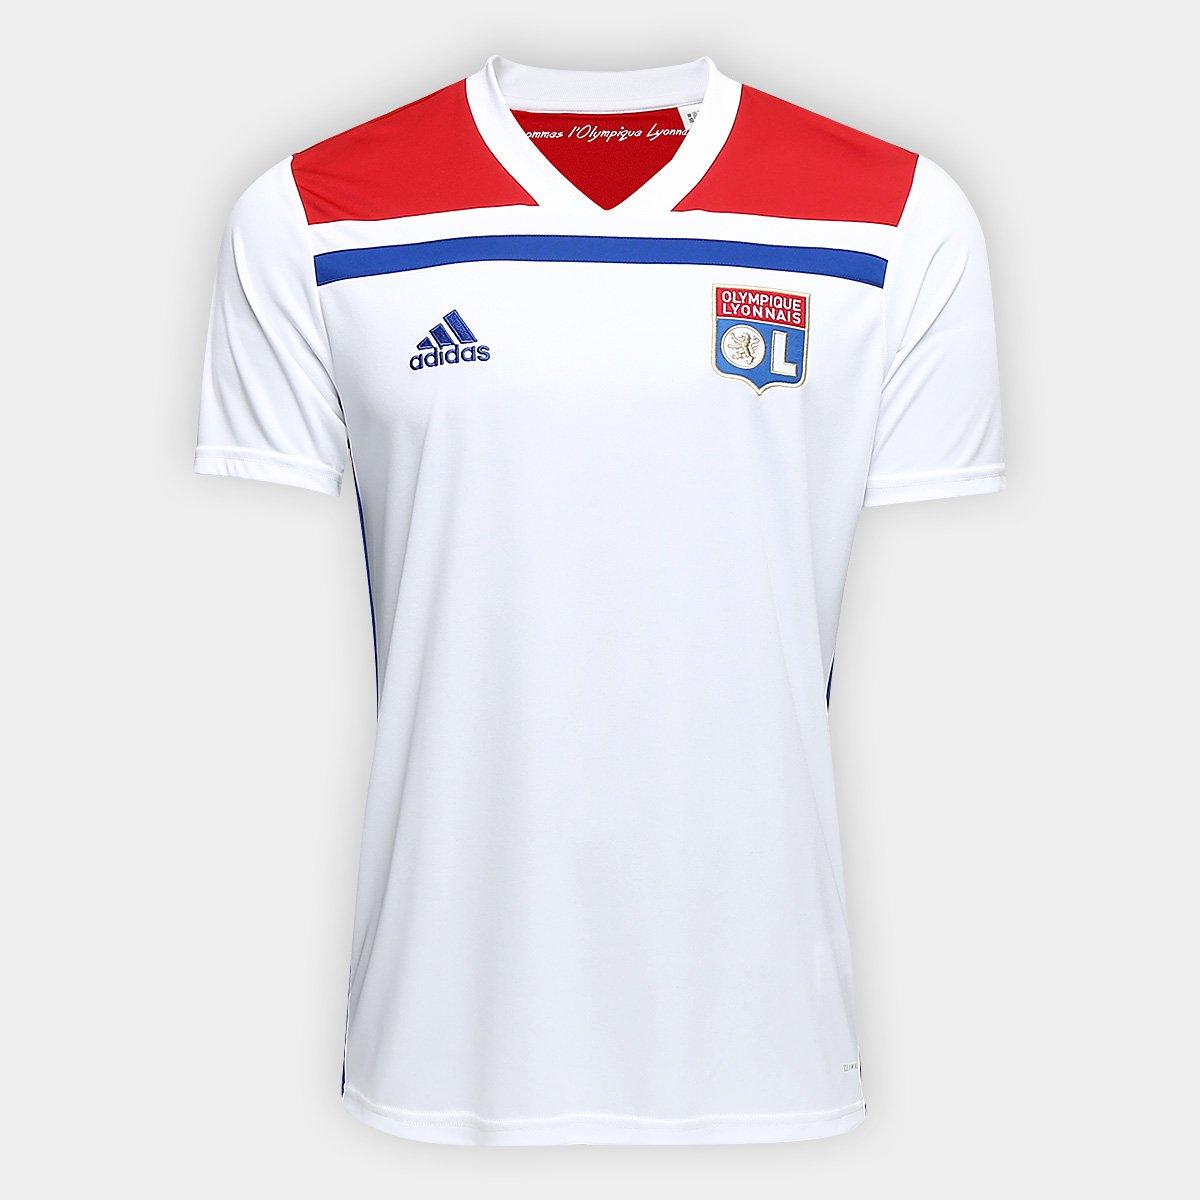 Camisa Lyon Home 2018 s/n° - Torcedor Adidas Masculina - Branco e Vermelho